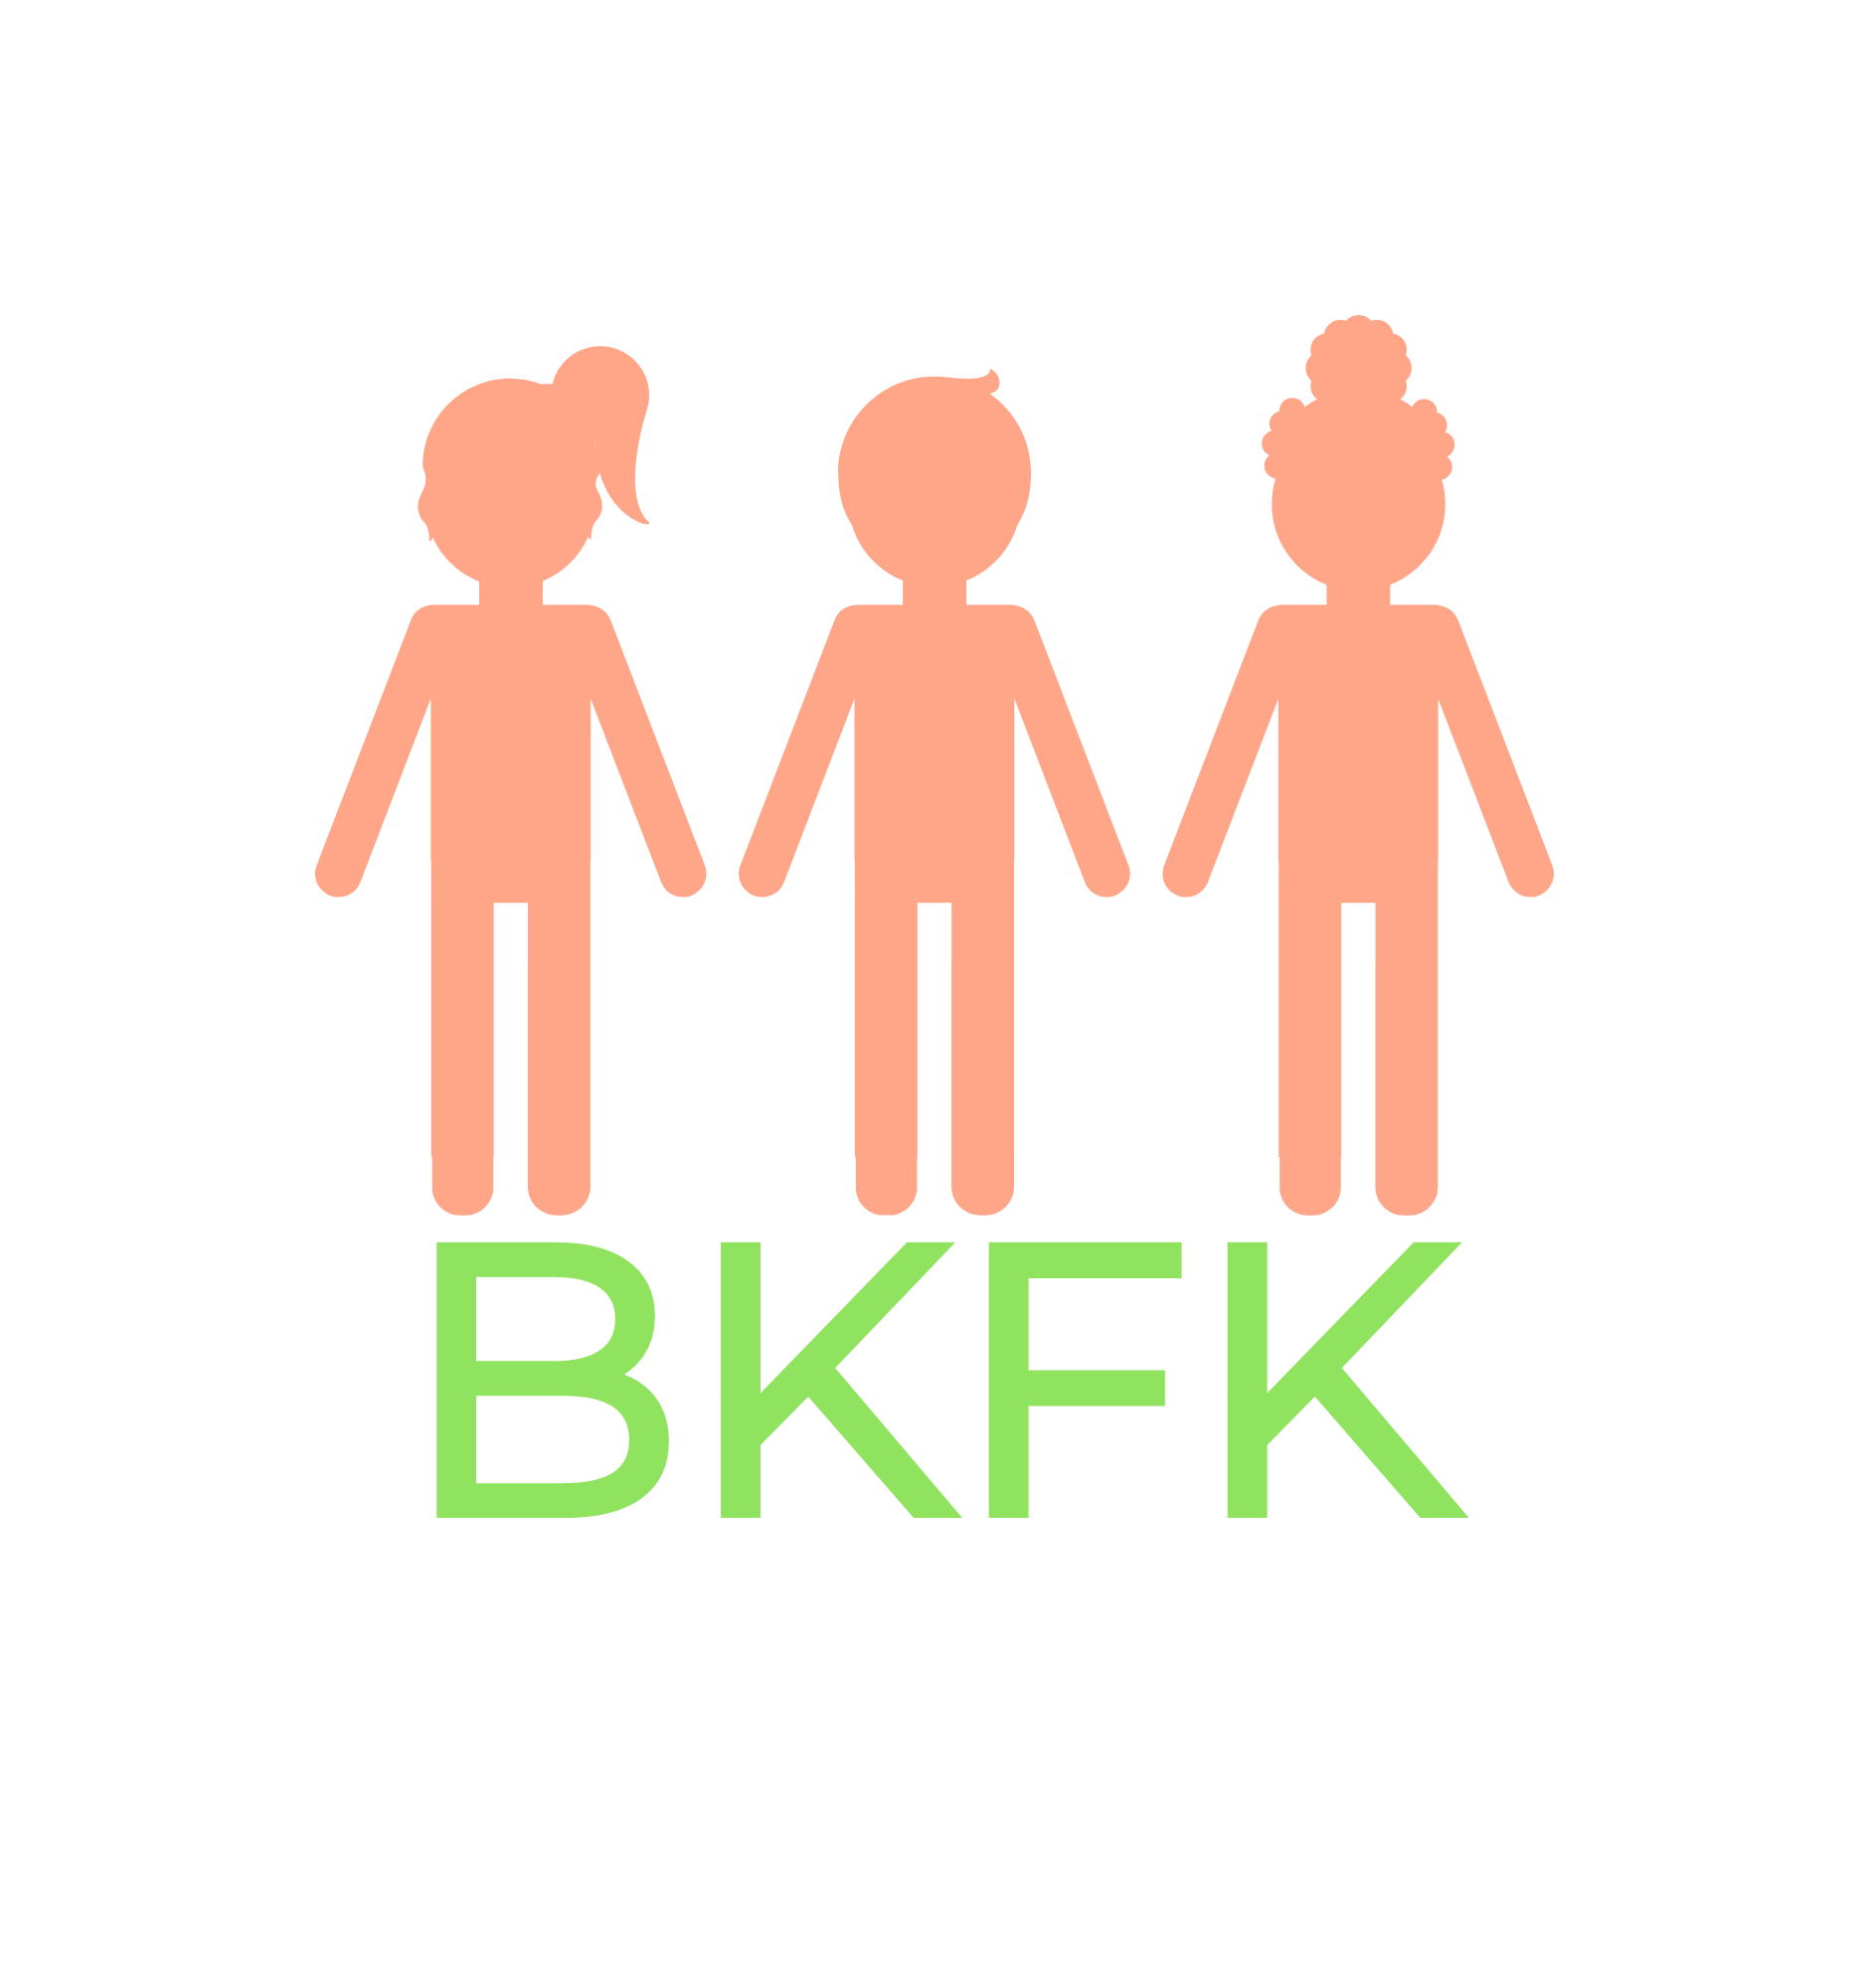 Copy of Copy of BKFK